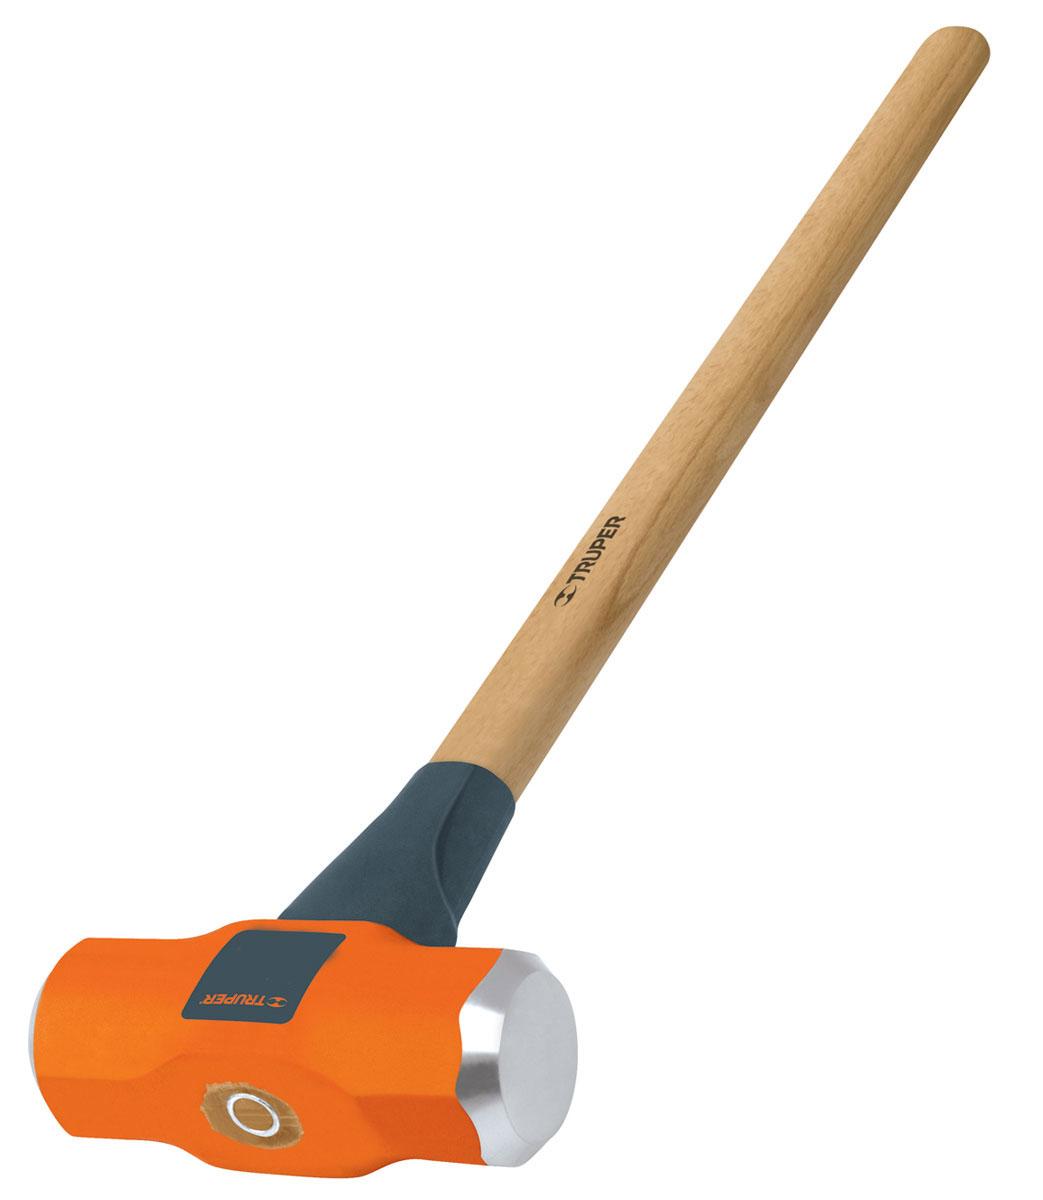 Кувалда Truper, с деревянной рукояткой, 2,7 кг ороситель водяной truper на пике